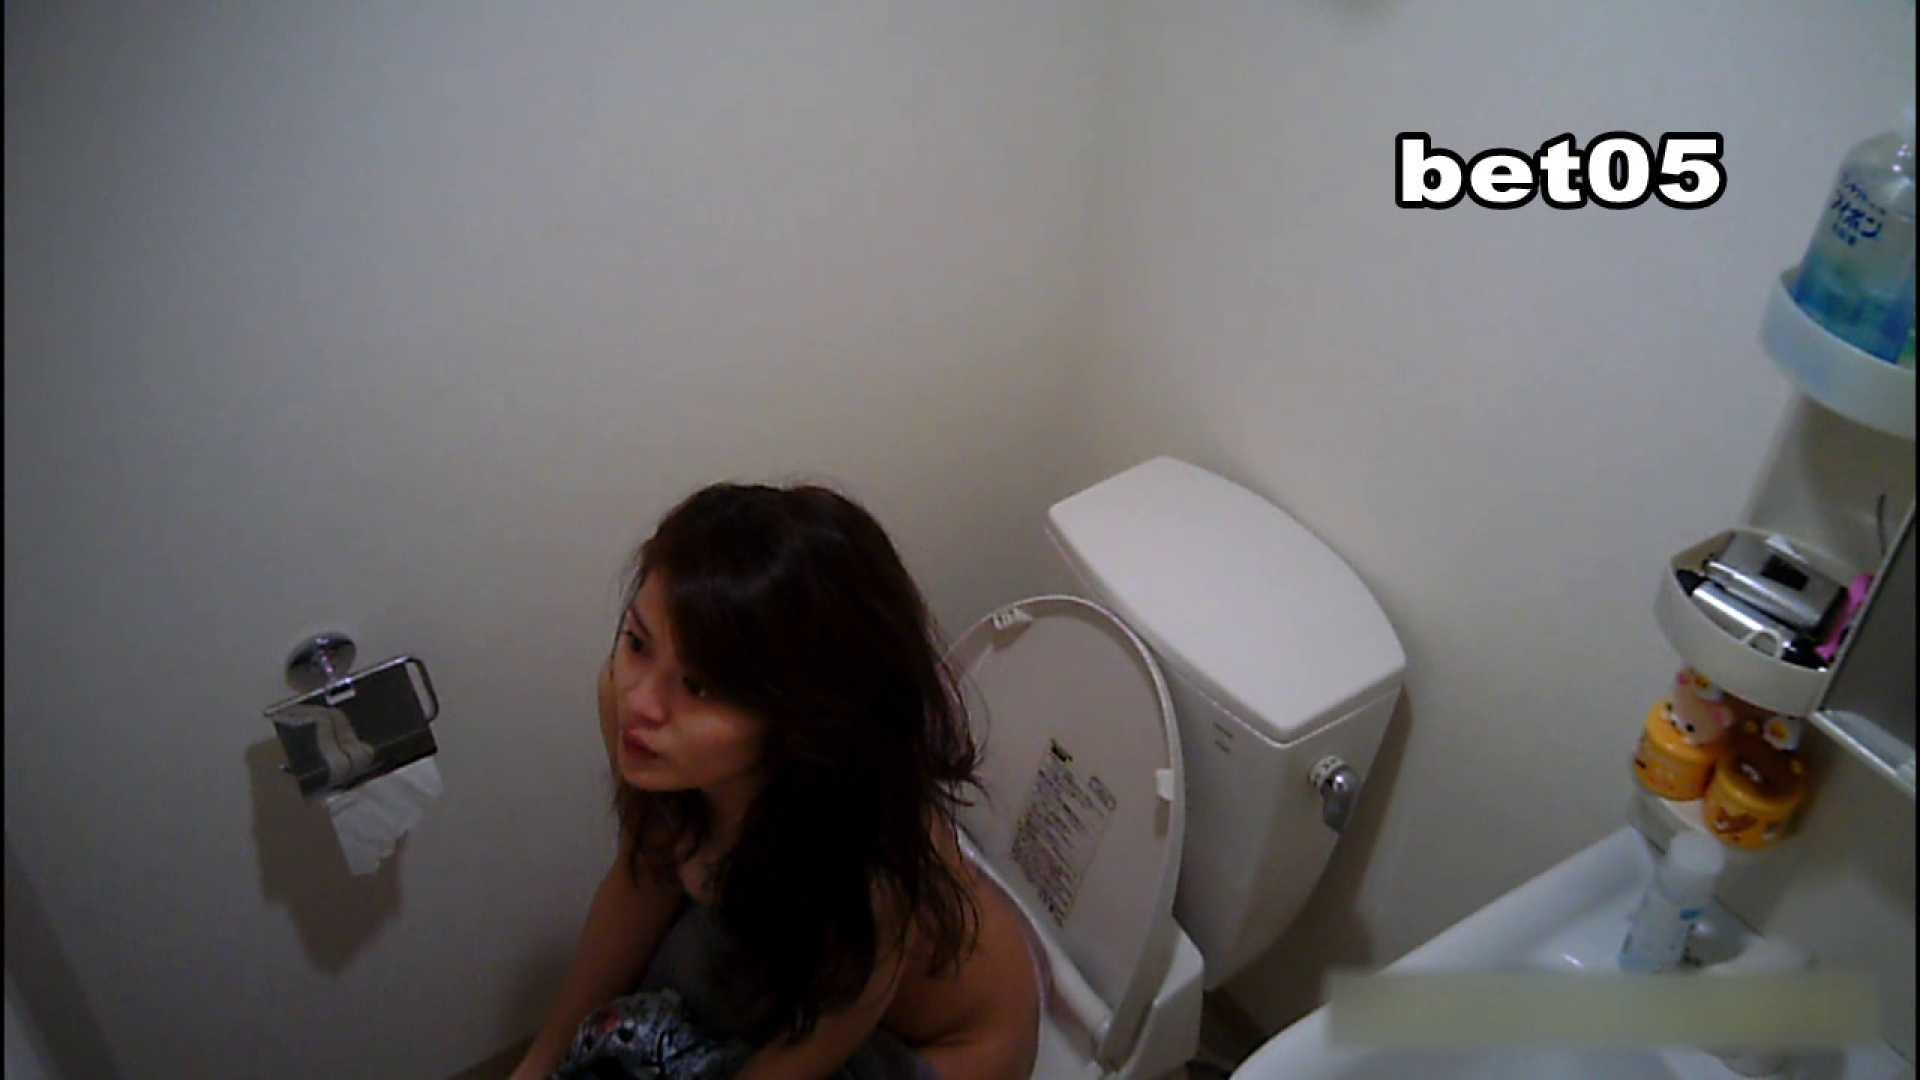 ミキ・大手旅行代理店勤務(24歳・仮名) vol.05 オマケで全裸洗面所も公開 リベンジ  100PIX 13